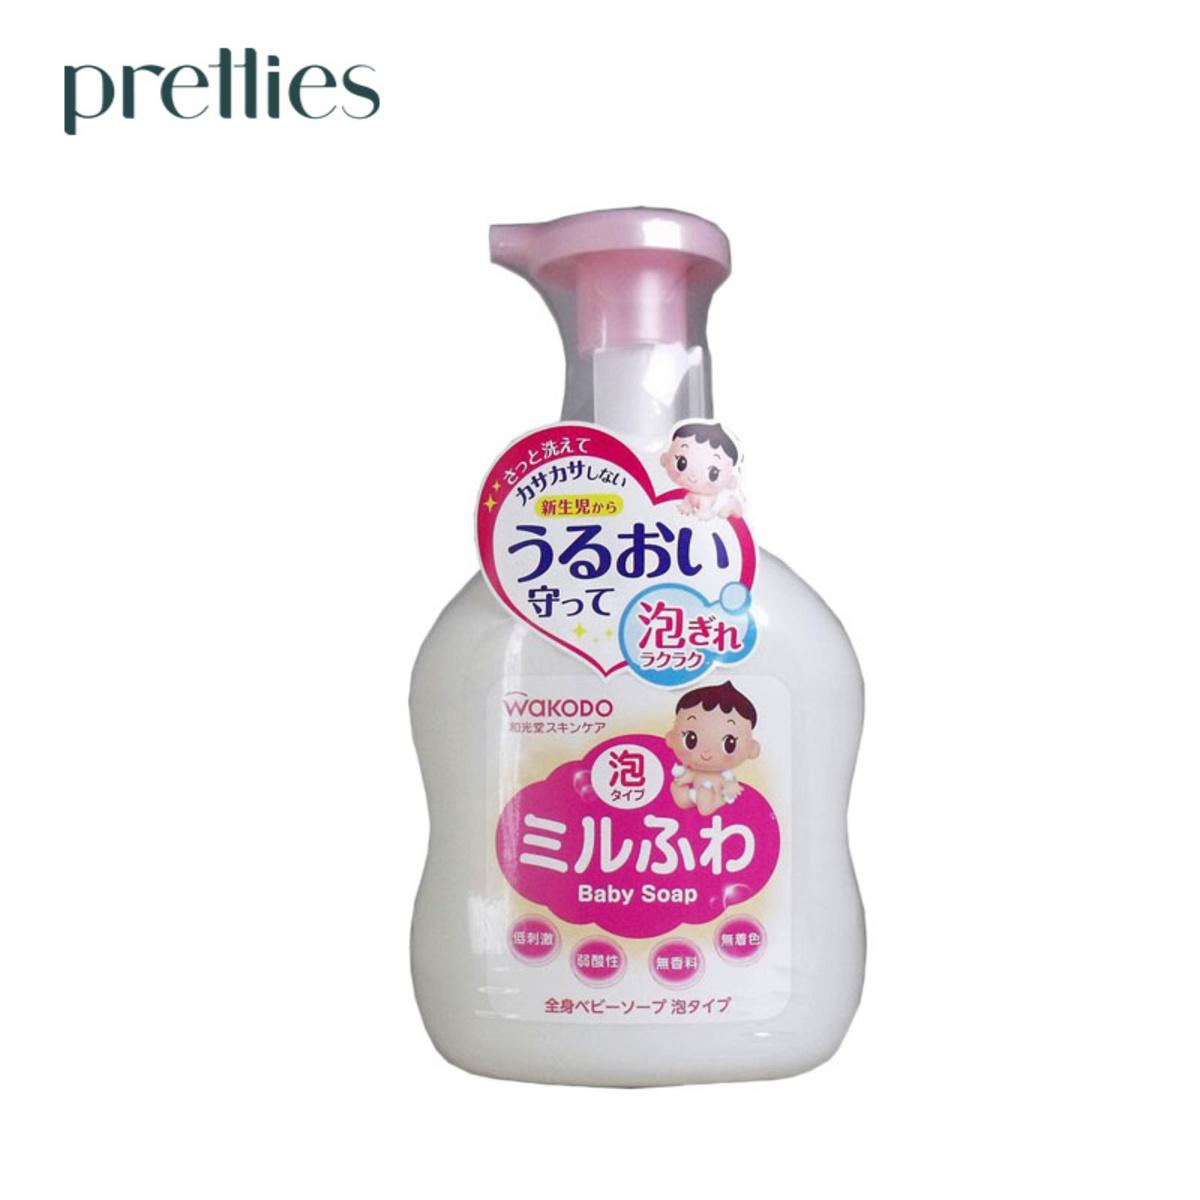 Baby Soap 450ml (4987244192011)